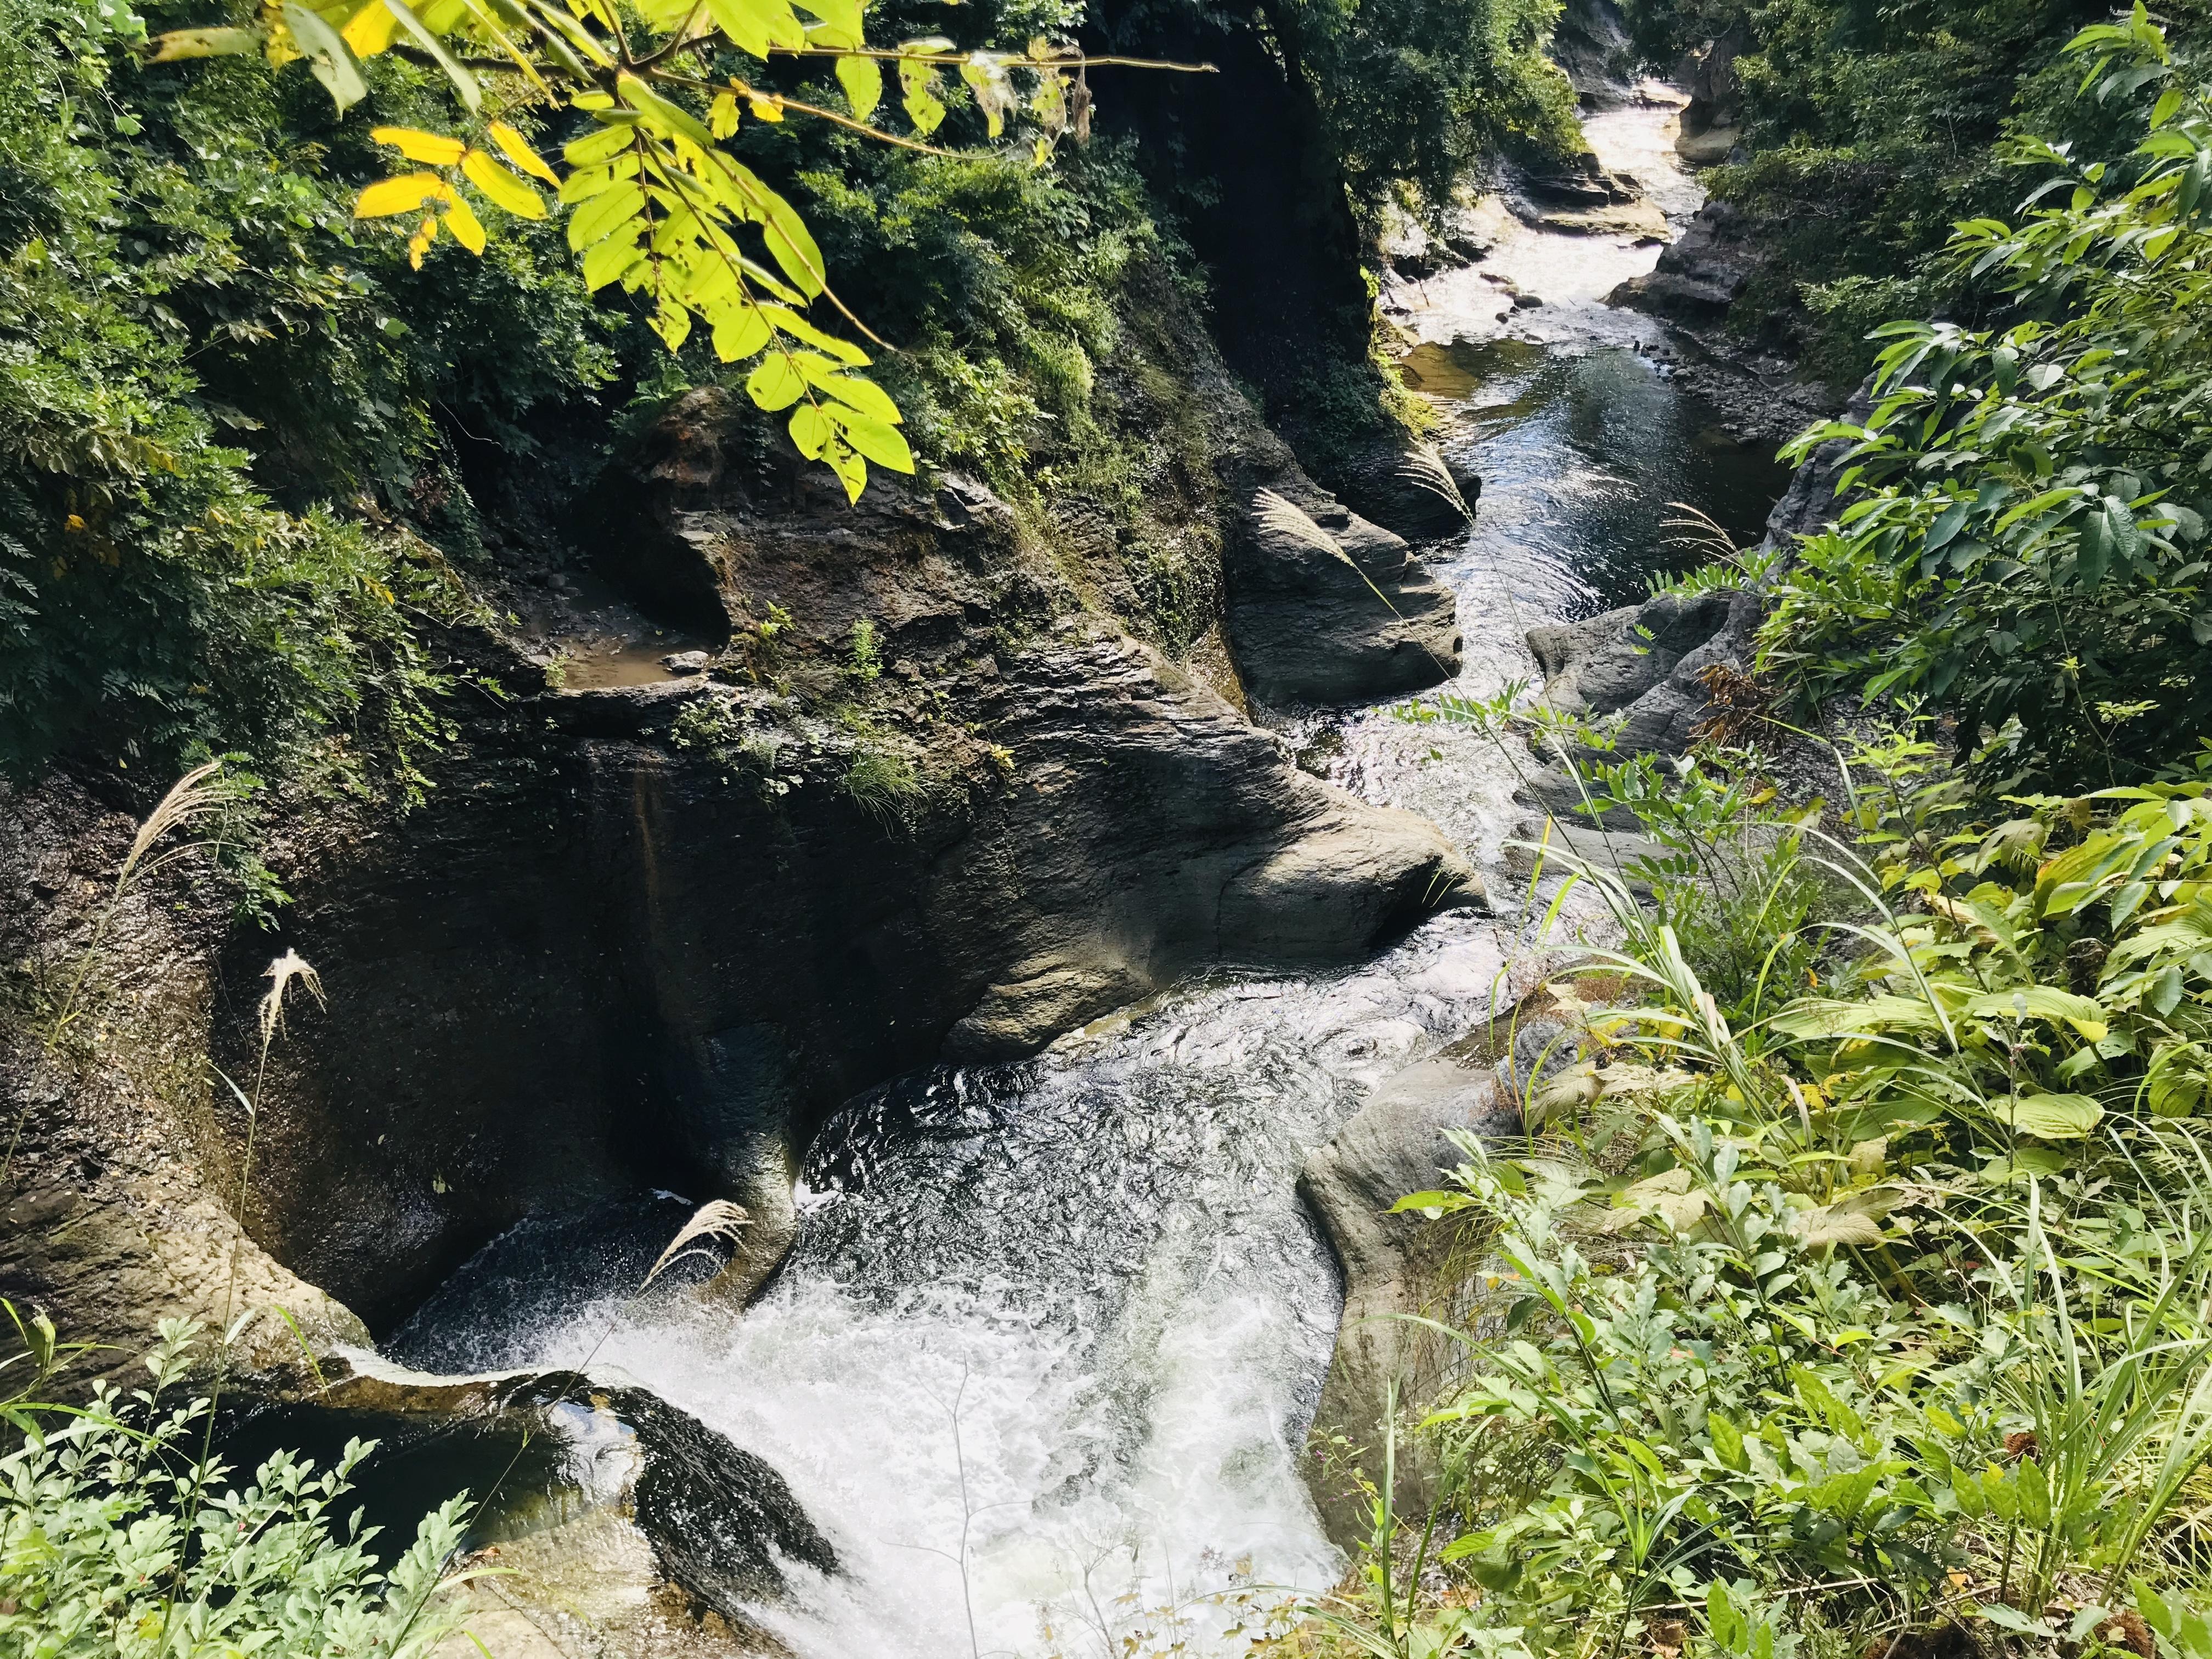 滝沢川のおう穴群